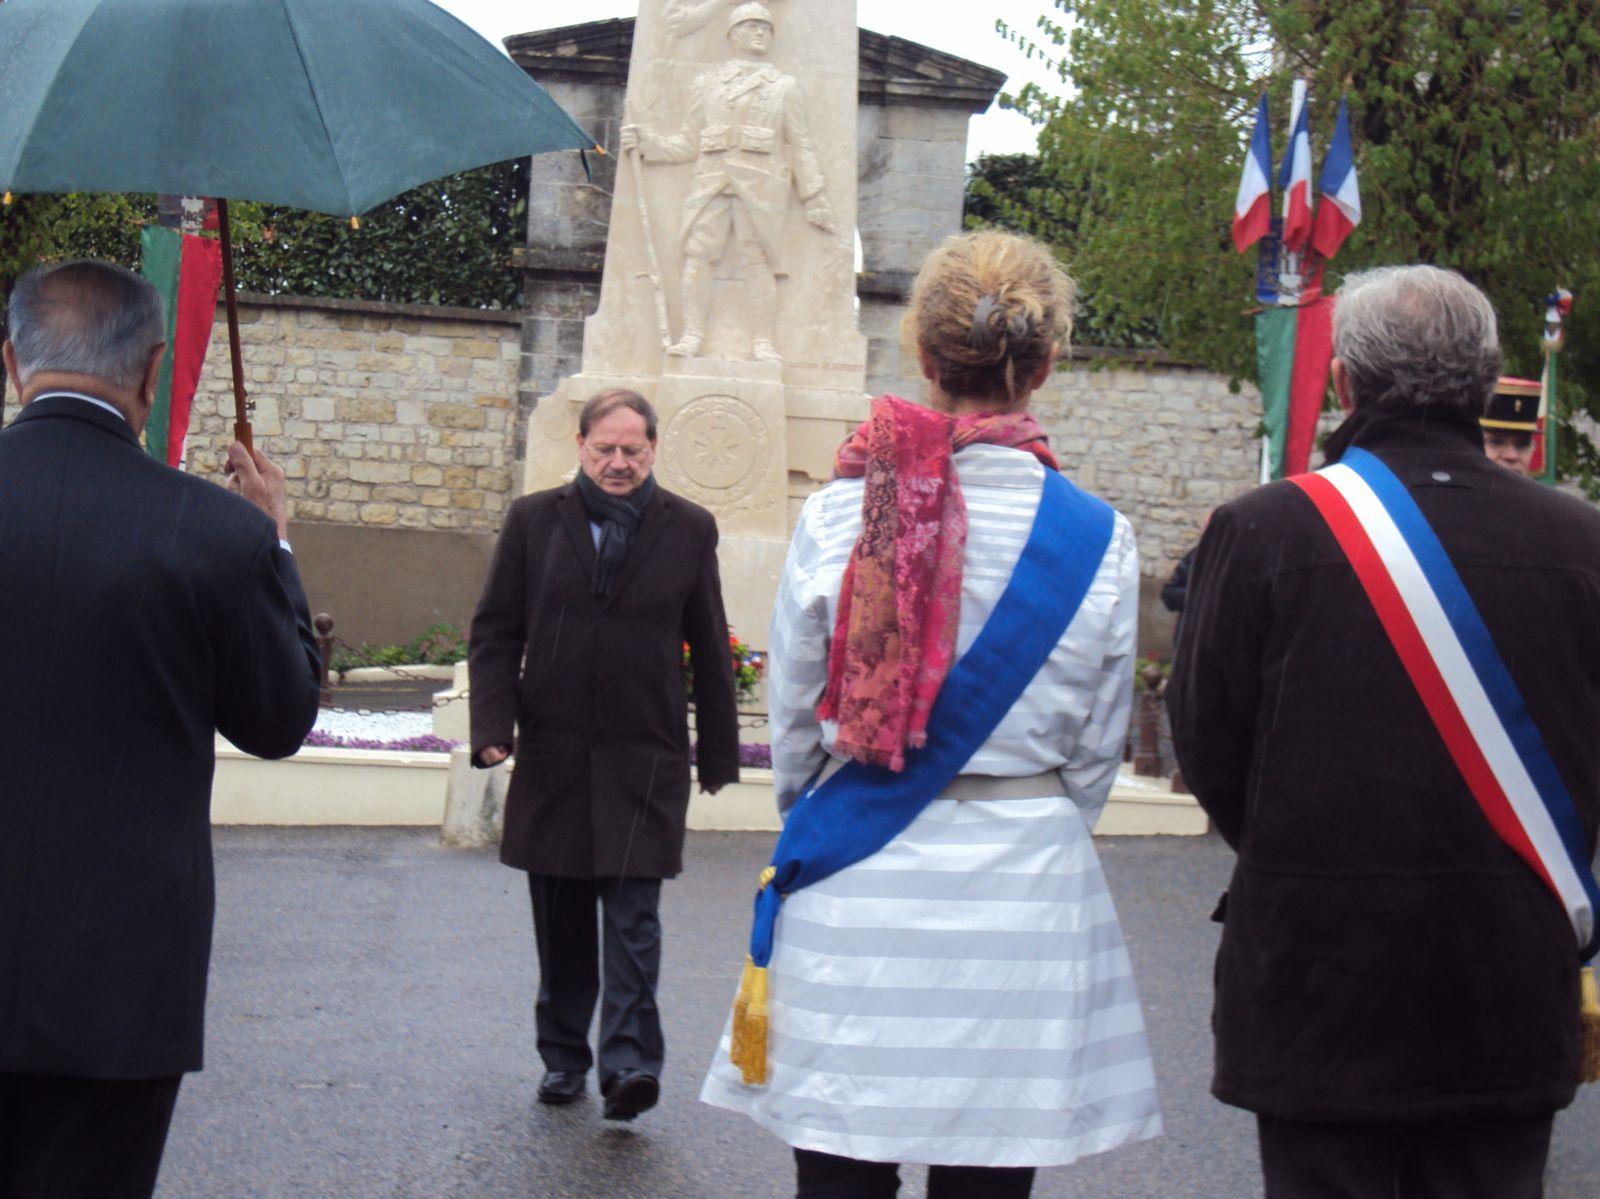 La commémoration du 149ème anniversaire du combat de Camerone s'est déroulée à Sainte-Maure-de-Touraine le 28 avril 2012.